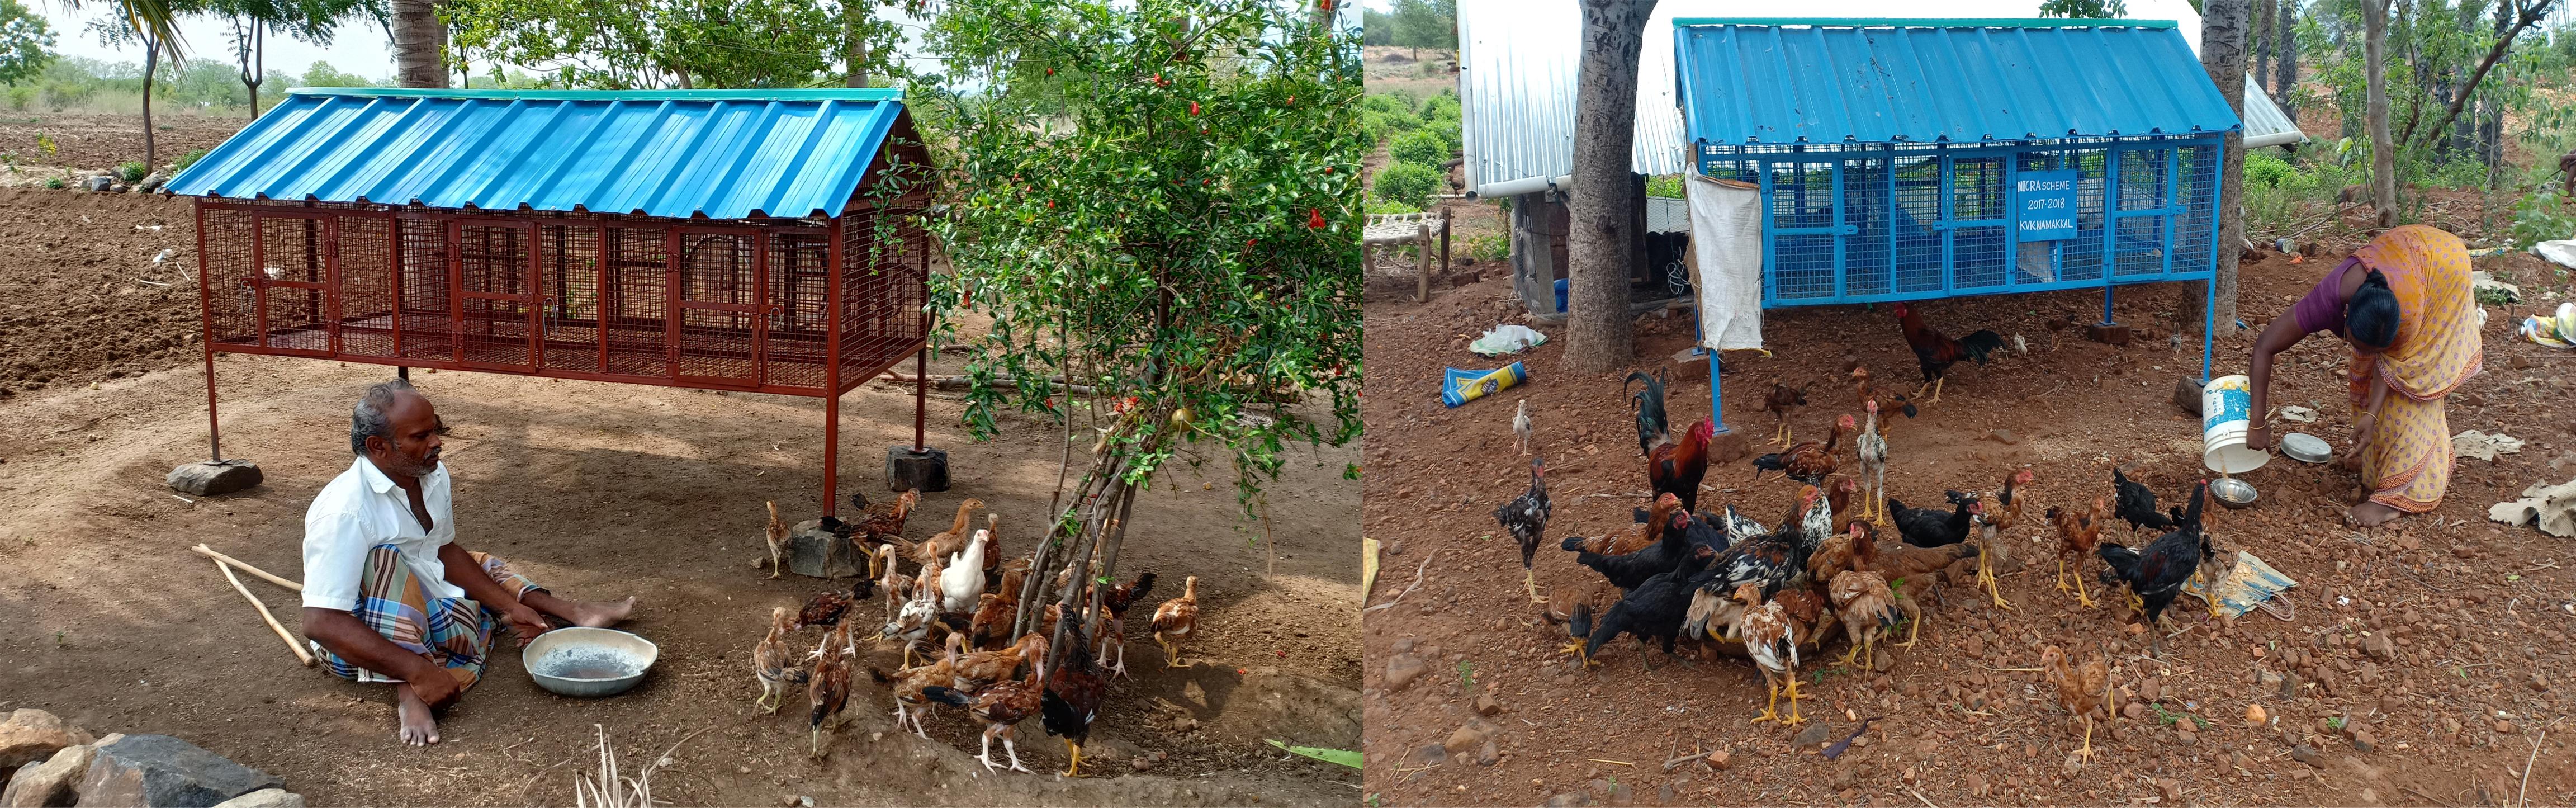 poultry shelter1